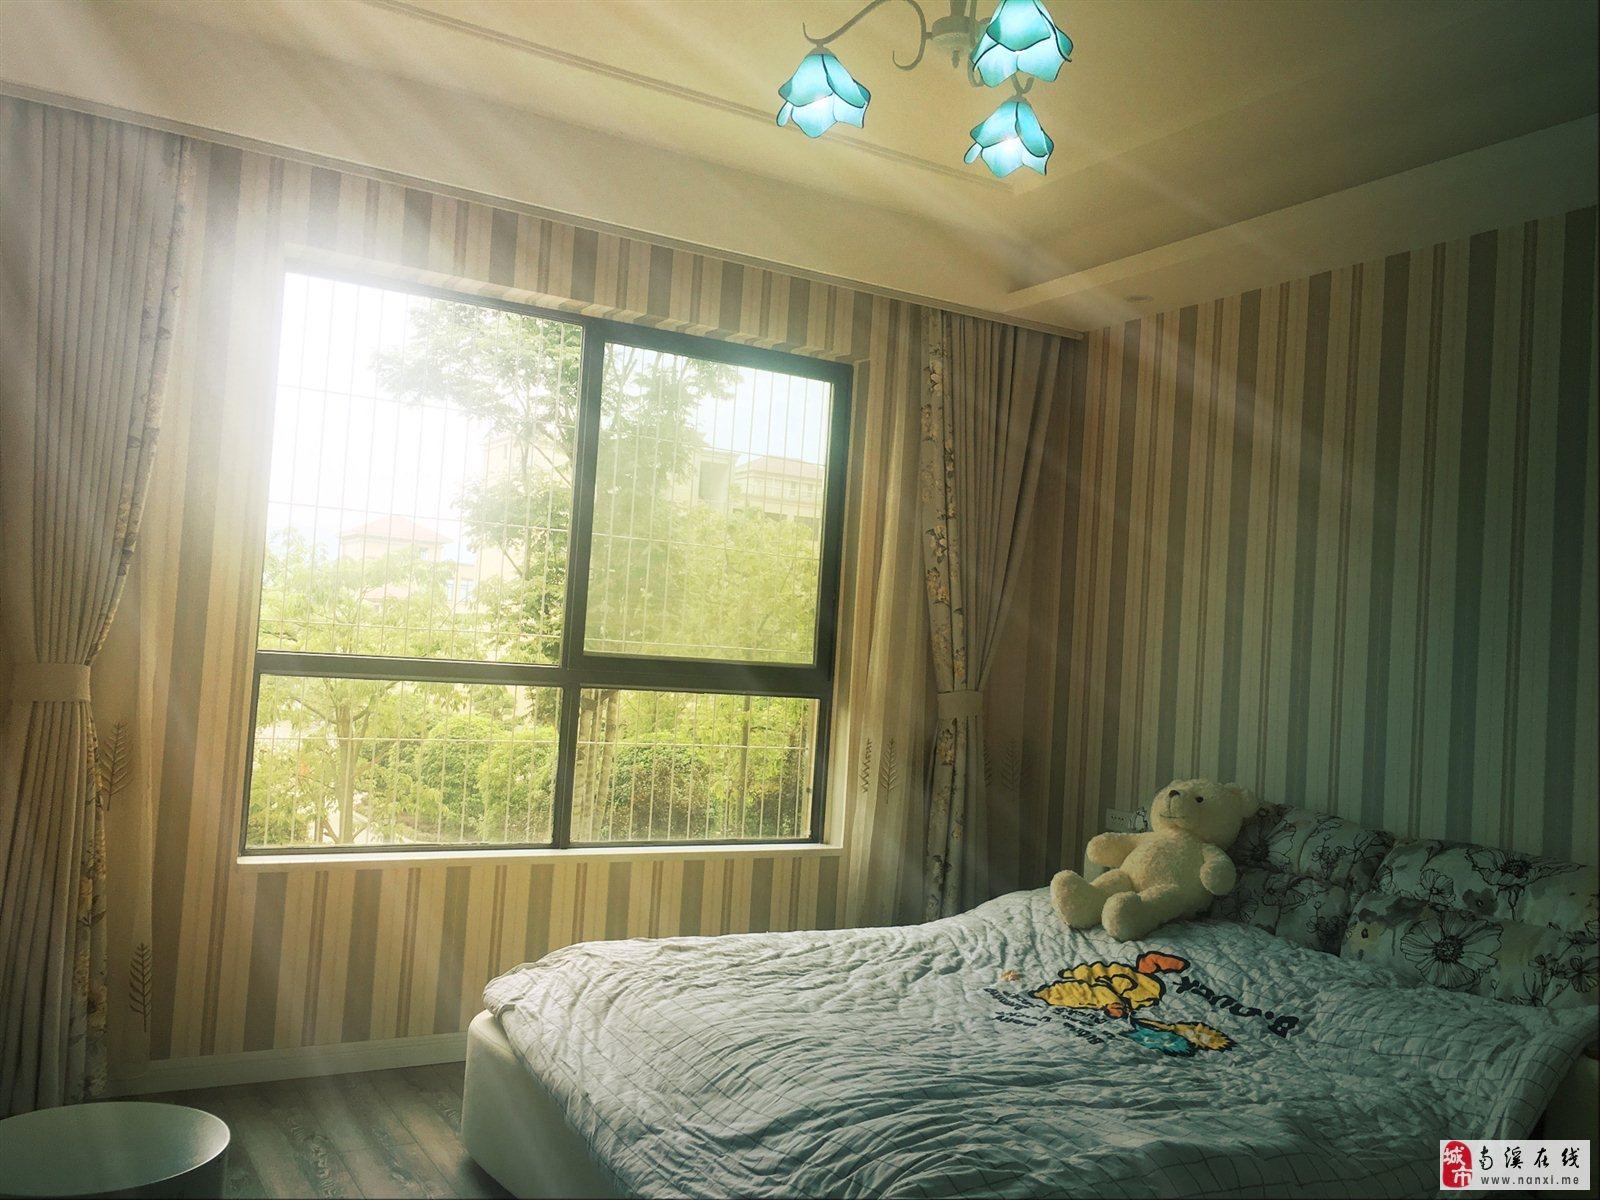 佰川龙臣1号豪装4房送57万的装修房东急售低于市价